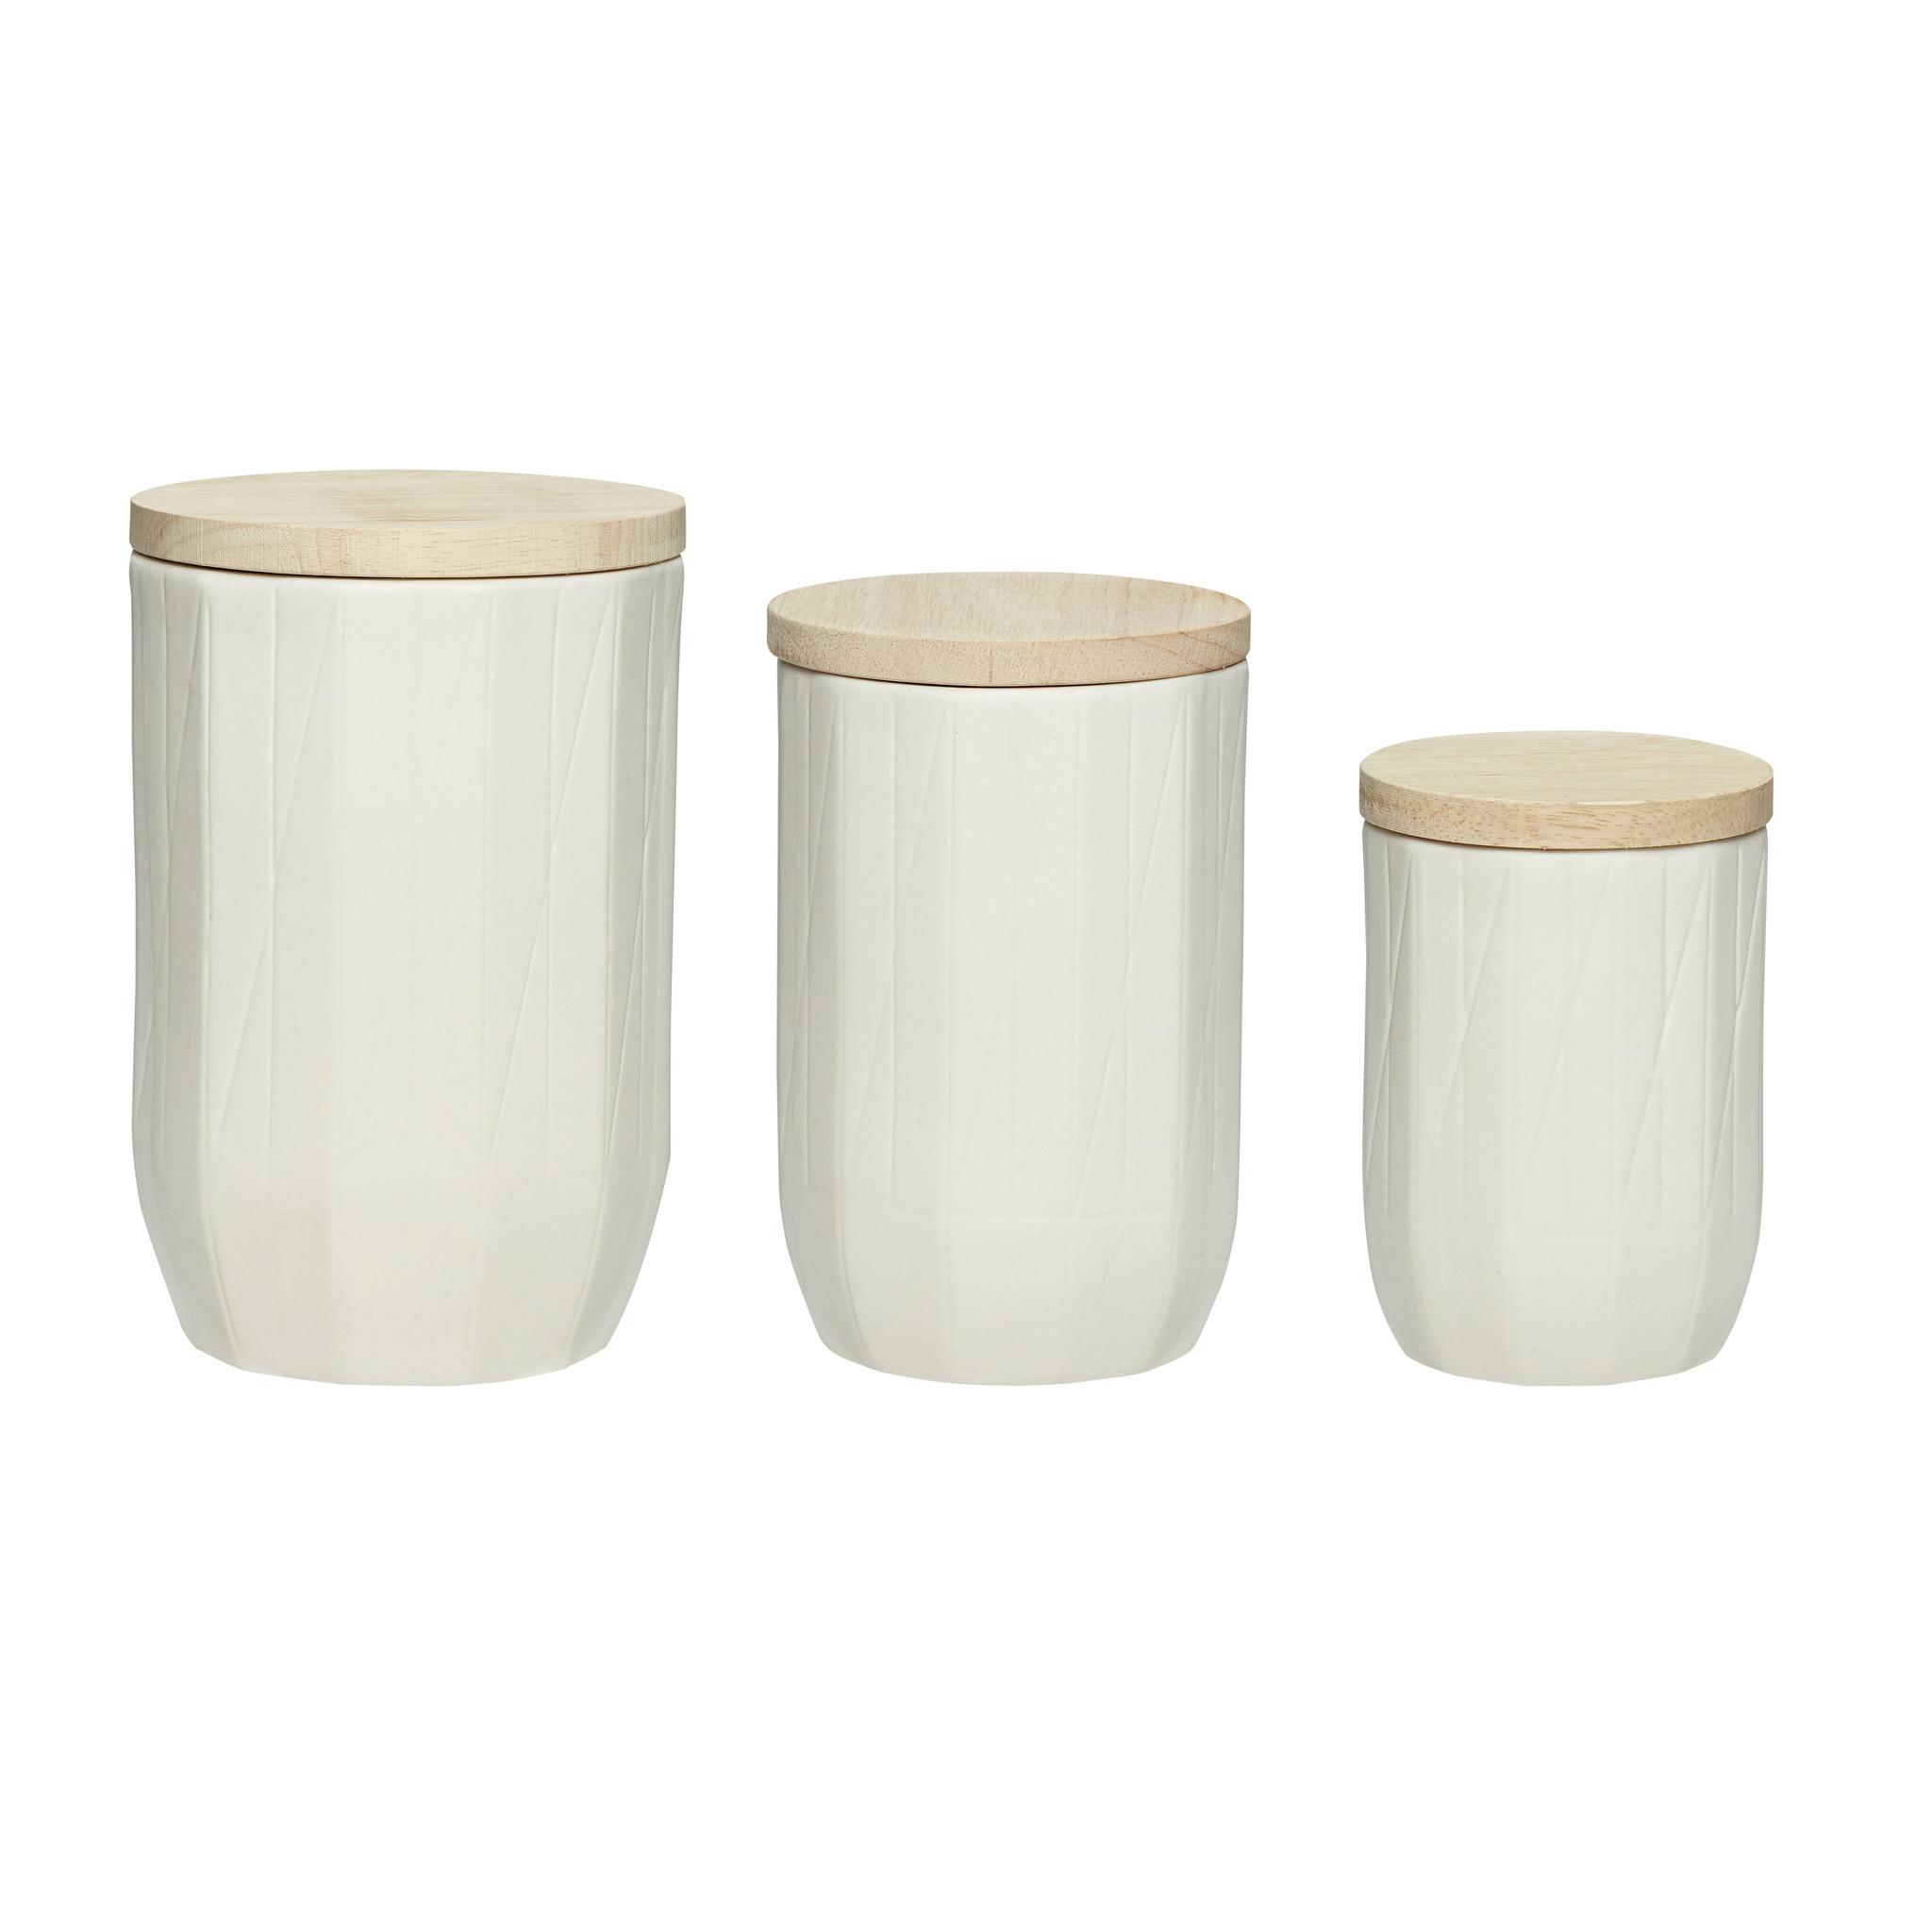 Hubsch Pot met deksel, porselein / hout, wit / natuur, set van 3